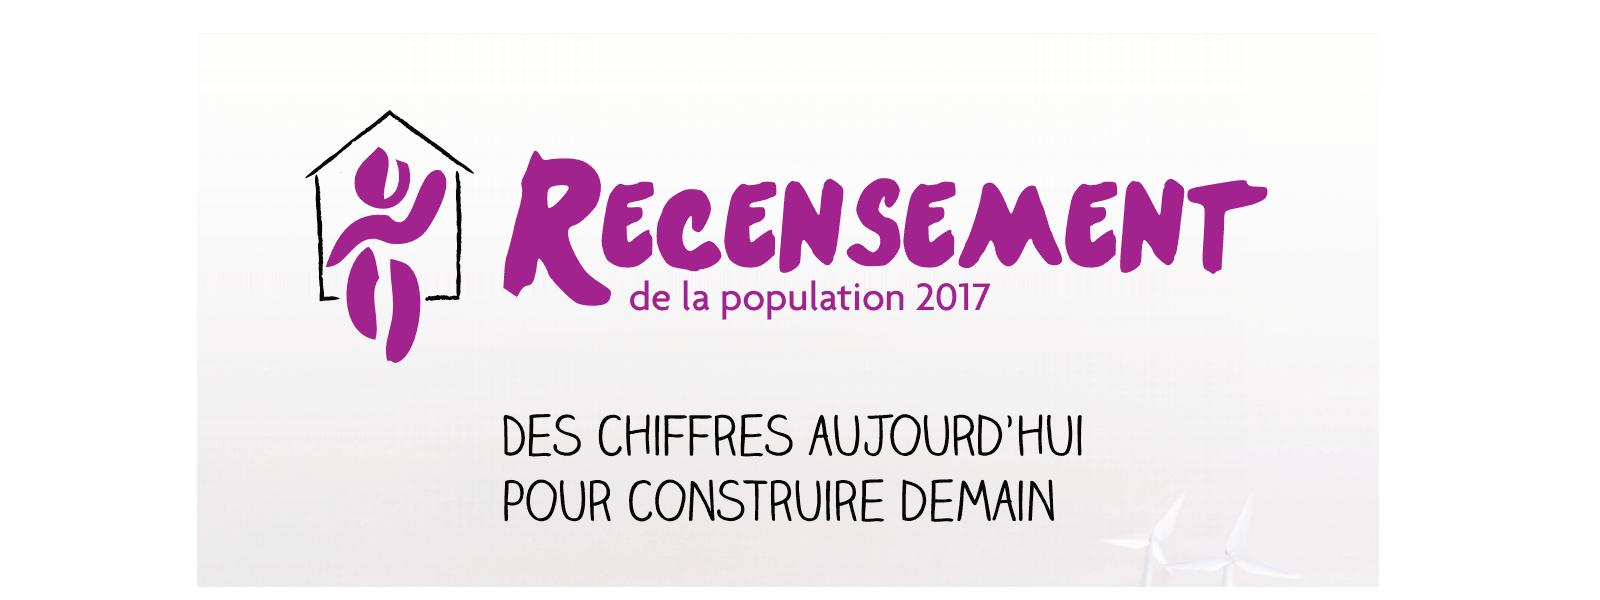 Recensement de la popultation du 19 janvier au 18 février 2017